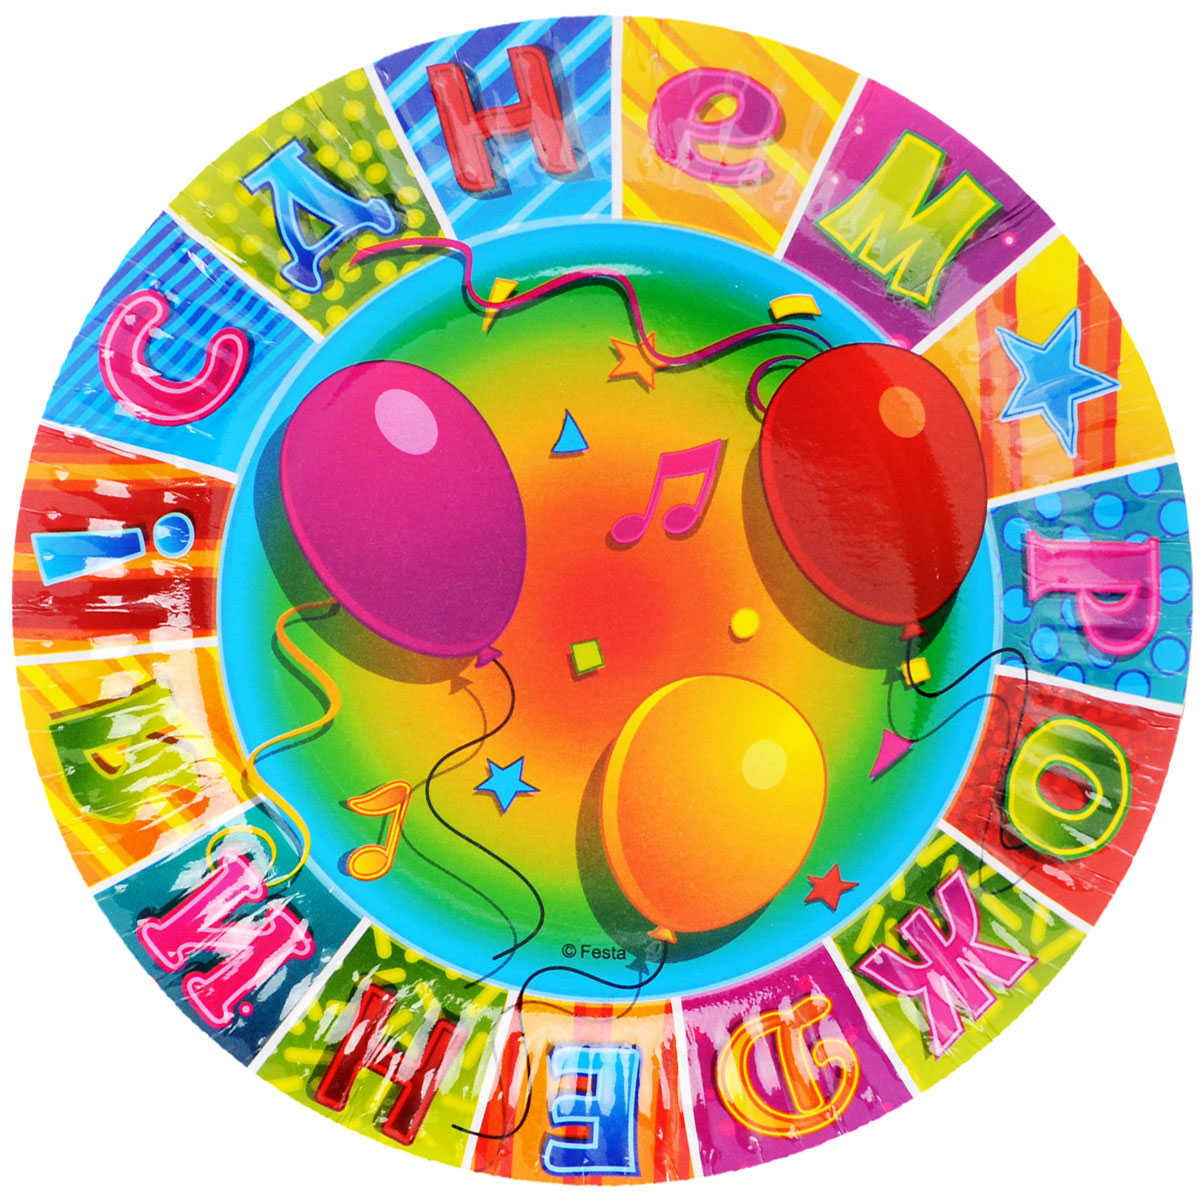 Веселая затея Тарелка бумажная С днем рождения: Мозаика, диаметр 17 см, 6 шт miland тарелка бумажная футбольный матч 17 см 6 шт